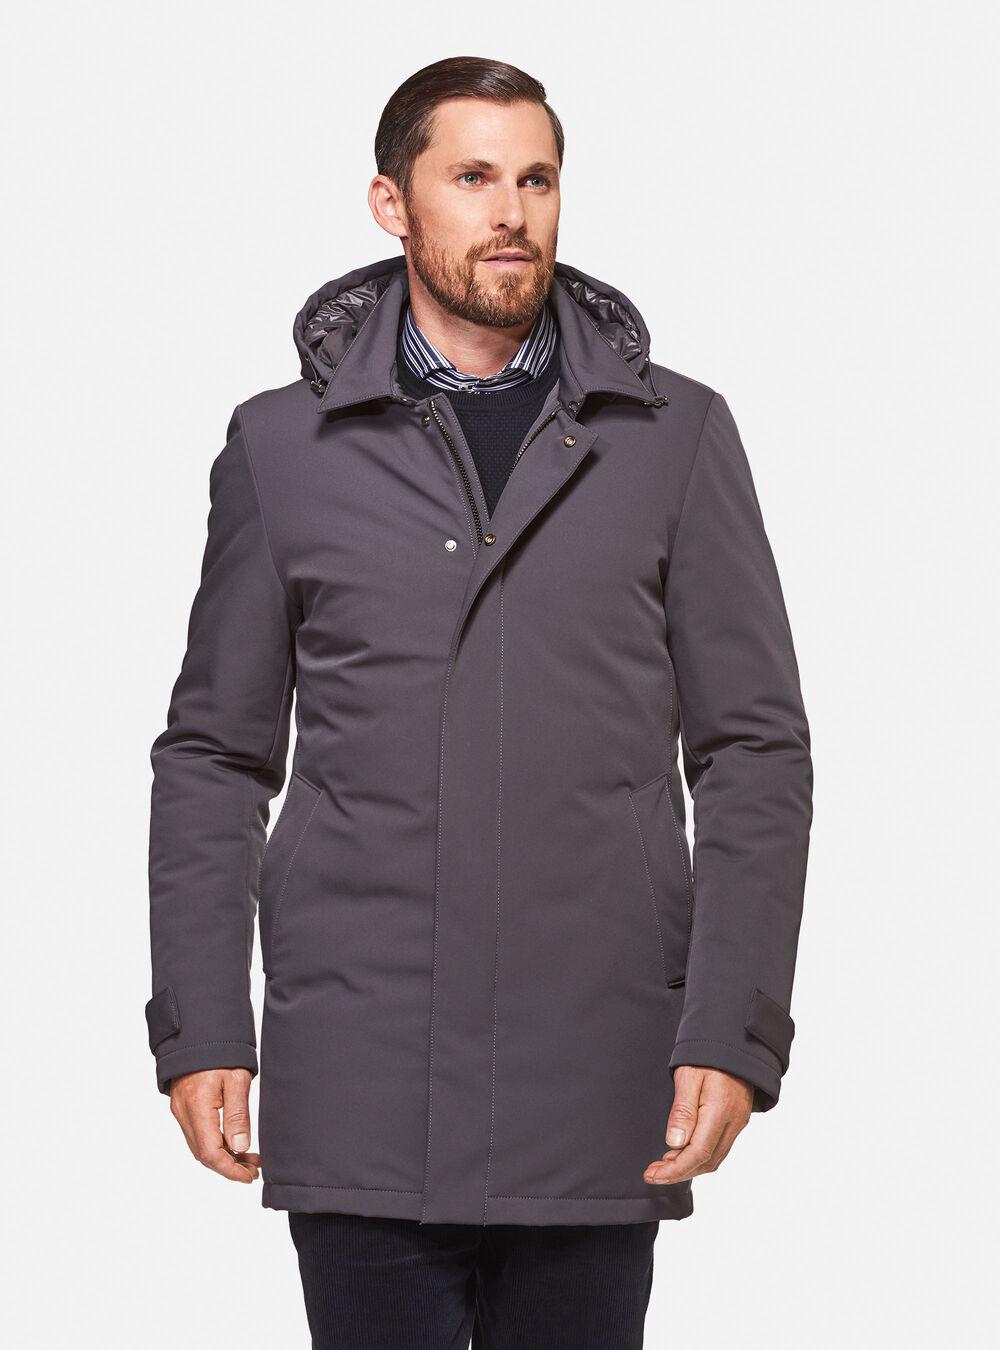 limpido in vista materiali superiori in vendita Abbigliamento Elegante e Classico da Uomo | Gutteridge